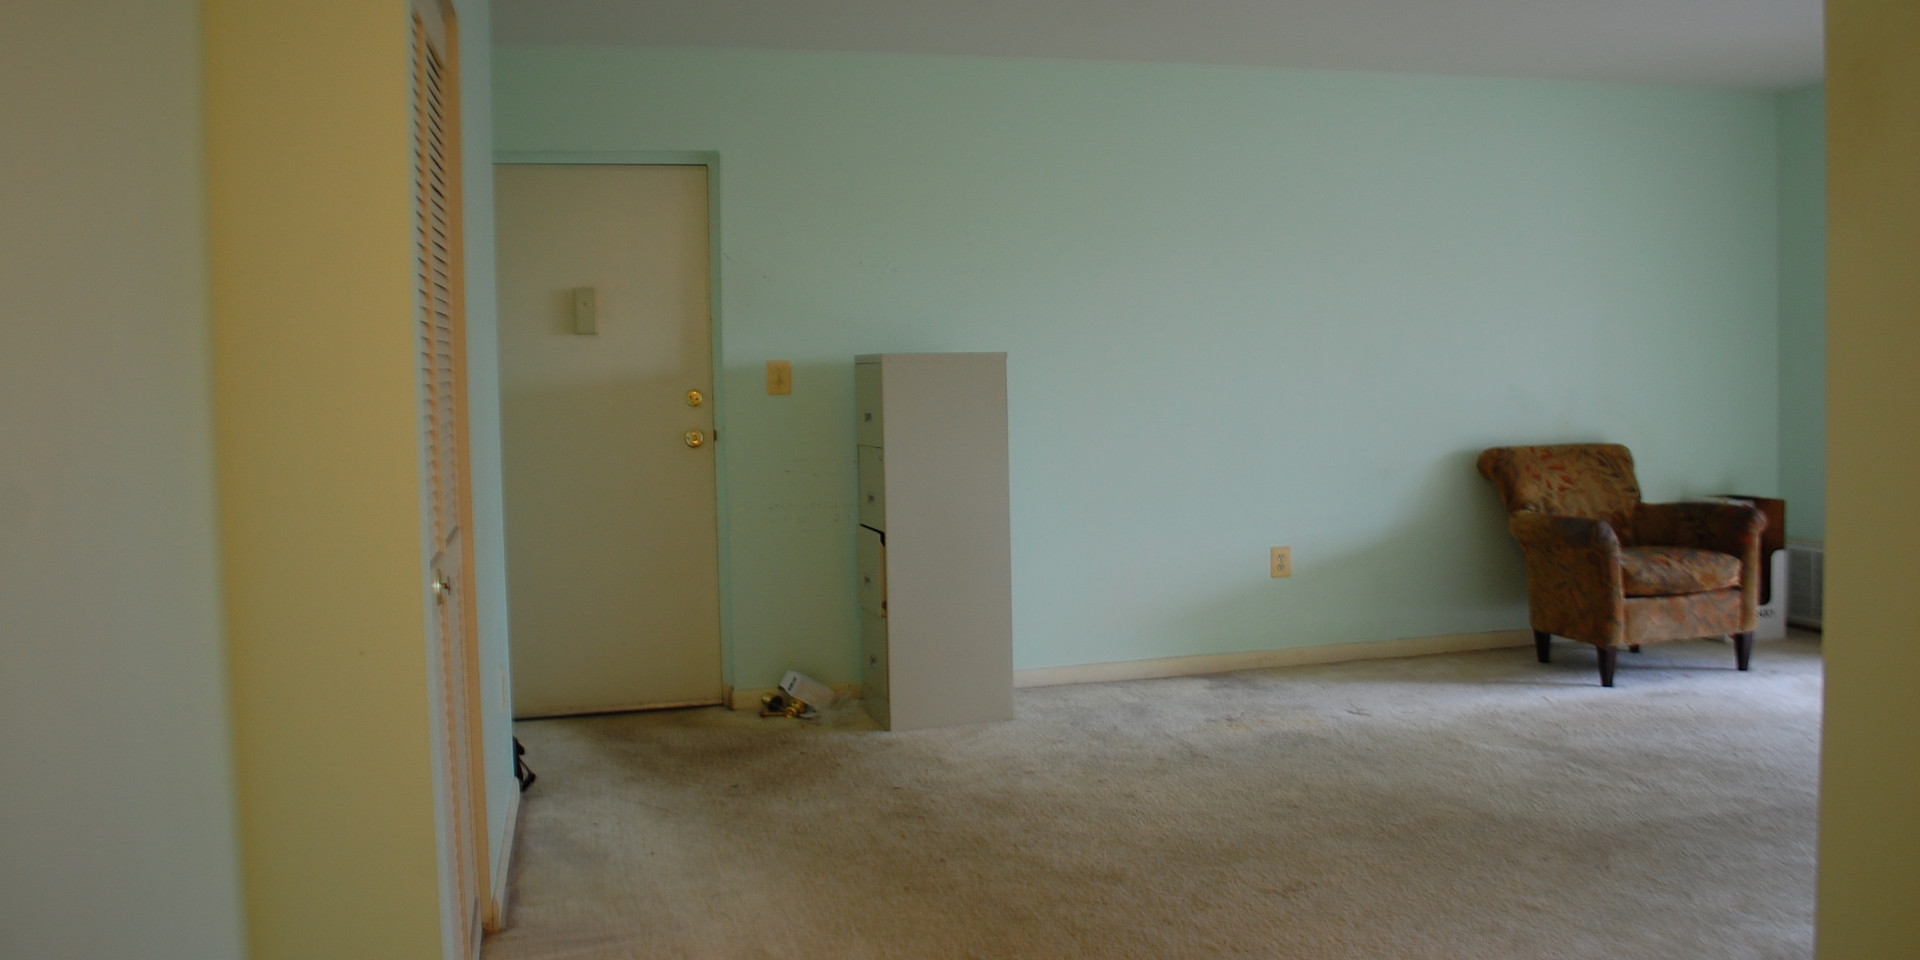 2.0 Living Room.JPG